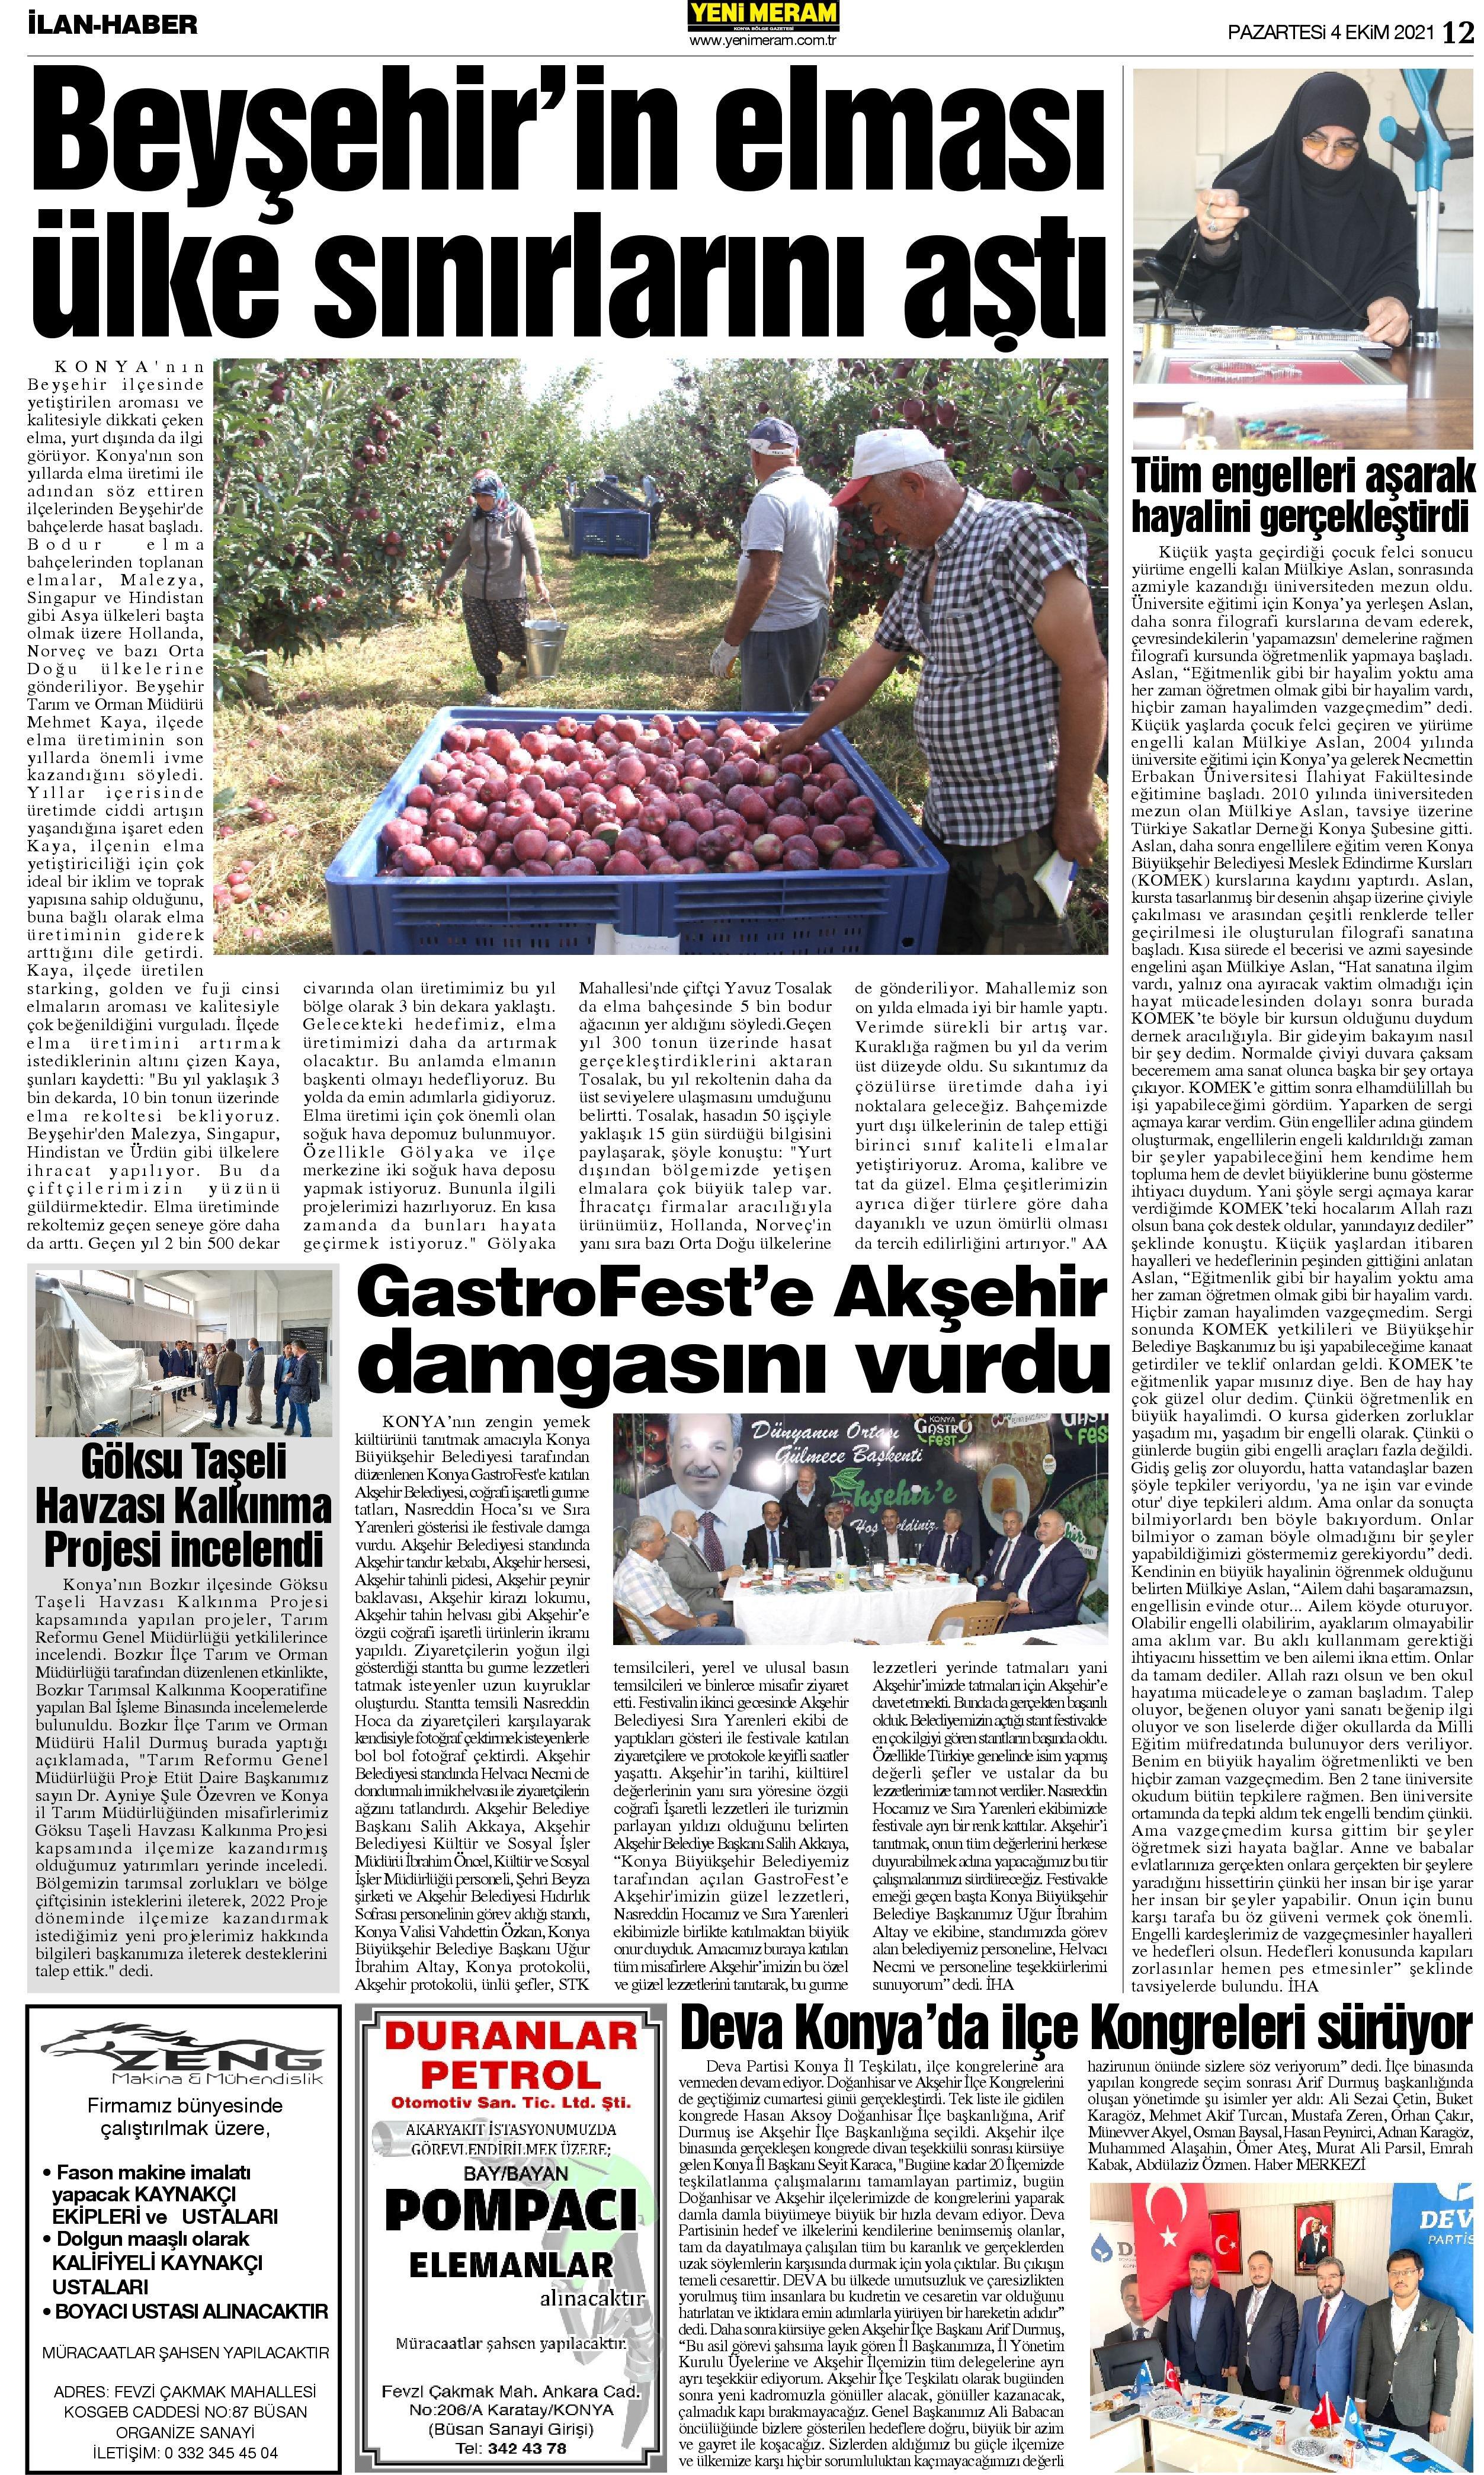 4 Ekim 2021 Yeni Meram Gazetesi